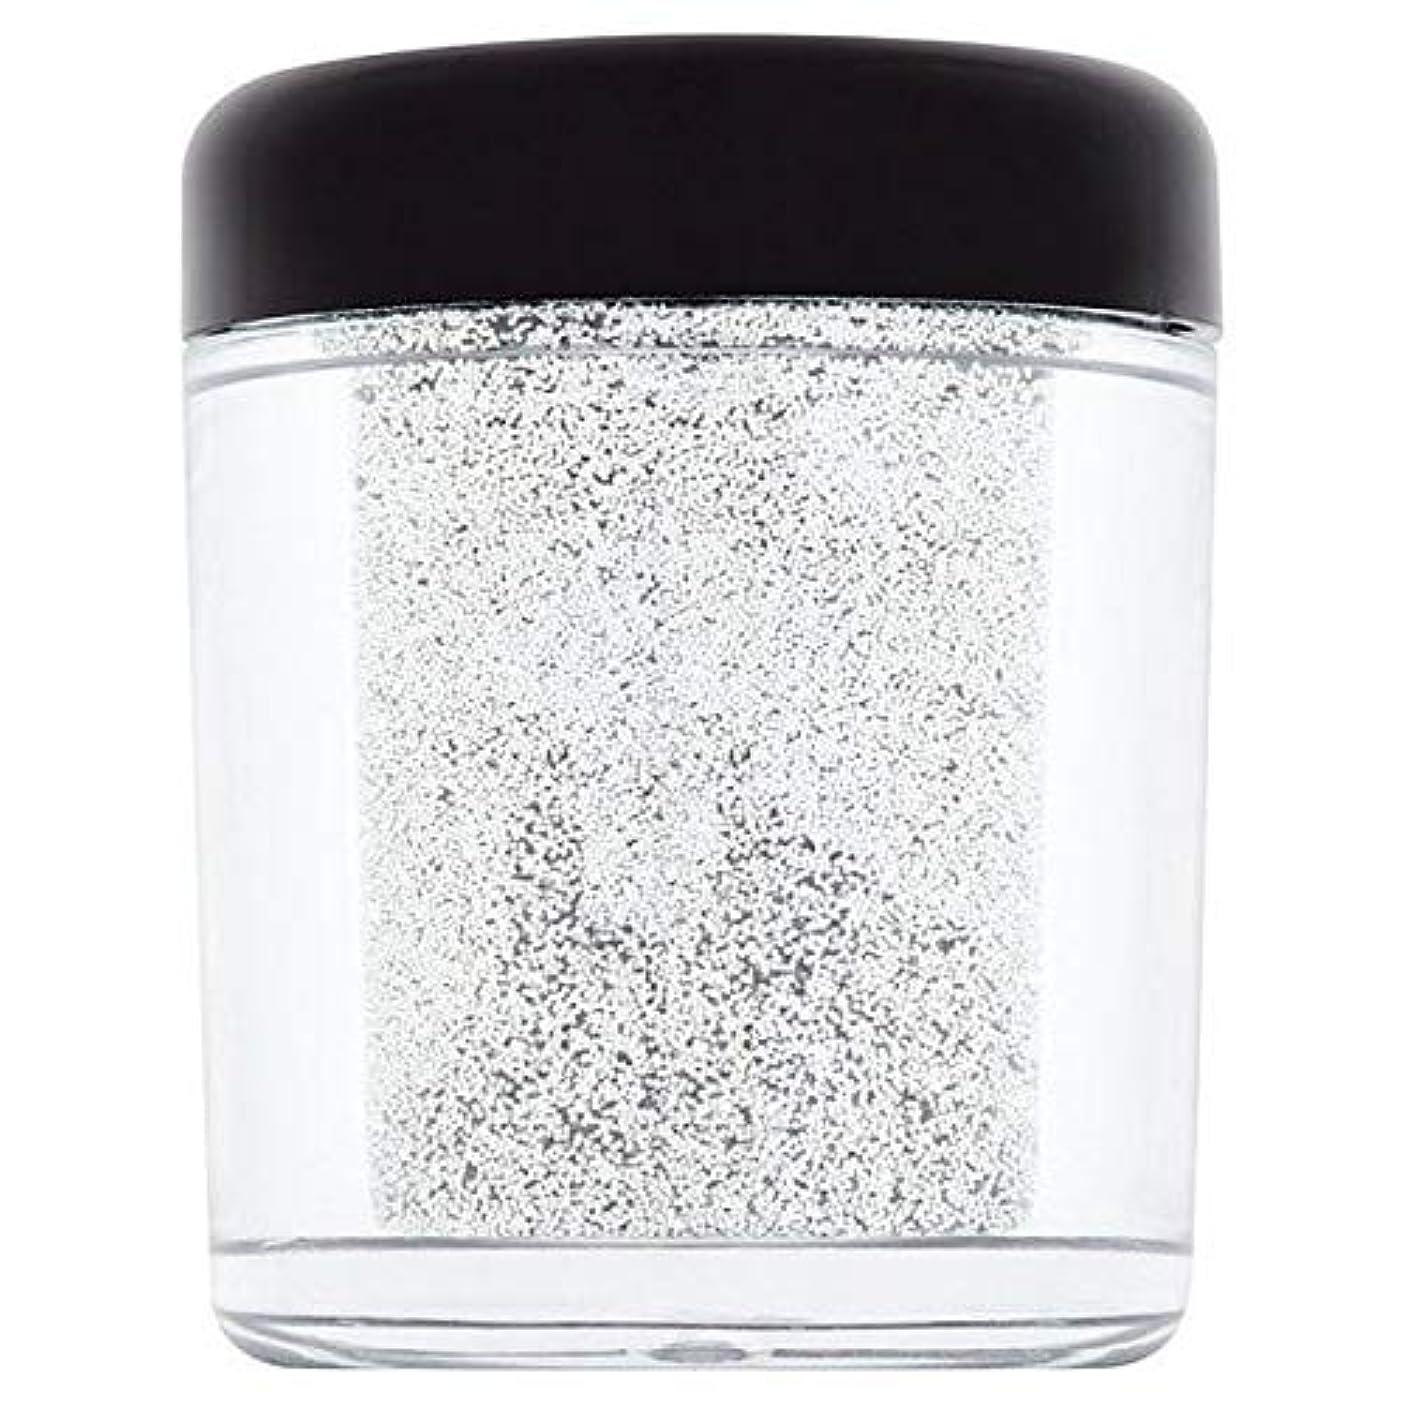 成長する人工カウボーイ[Collection ] 天使2を回収グラムの結晶は、フェイス&ボディの輝きが落ち - Collection Glam Crystals Face & Body Glitter Fallen Angel 2 [並行輸入品]